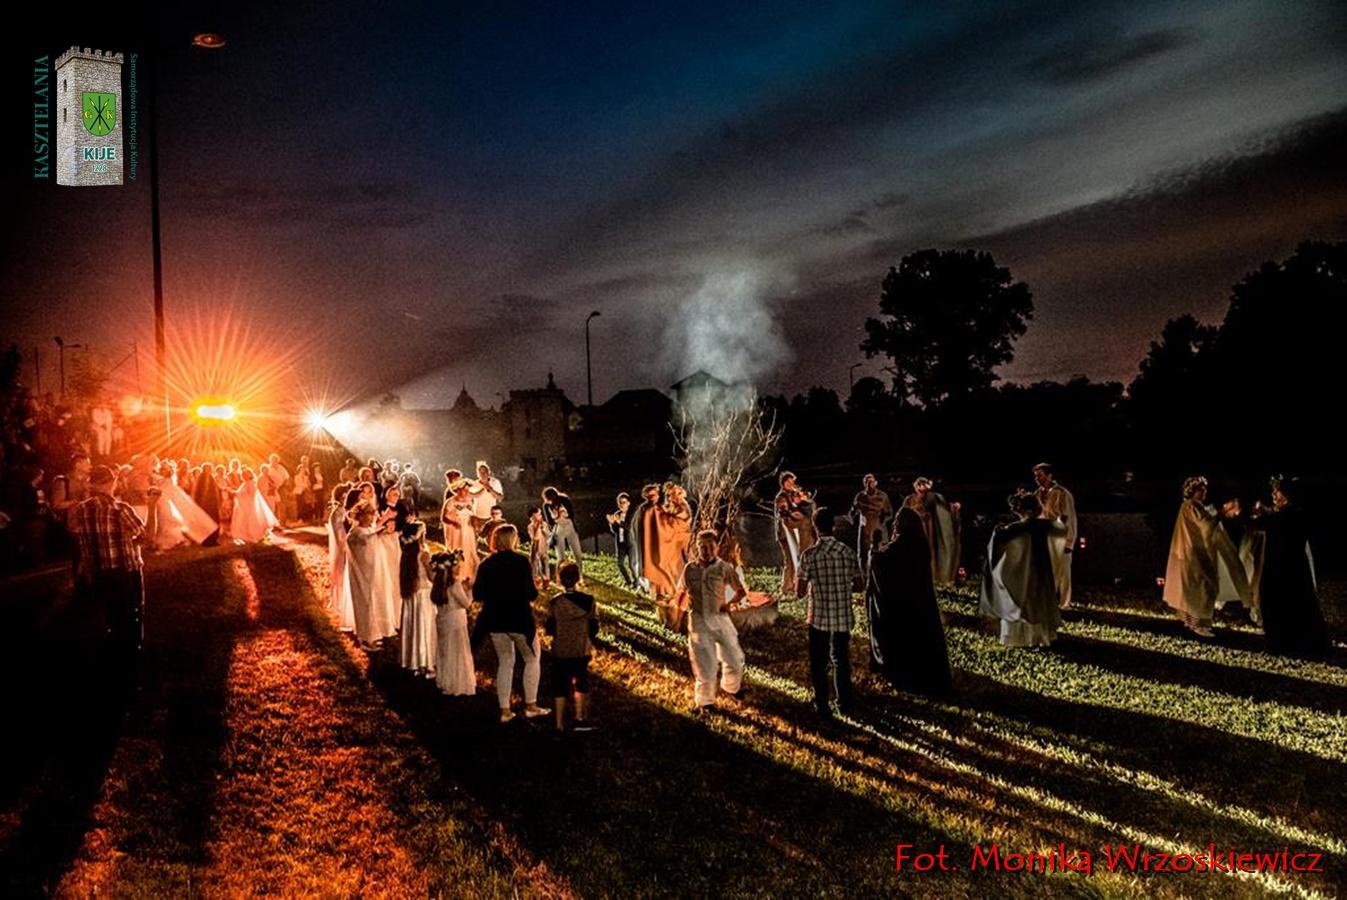 images/galleries/imprezy/2017/swieto_janki2017/wrzoskiewicz/2017.06.25-36 (Copy)